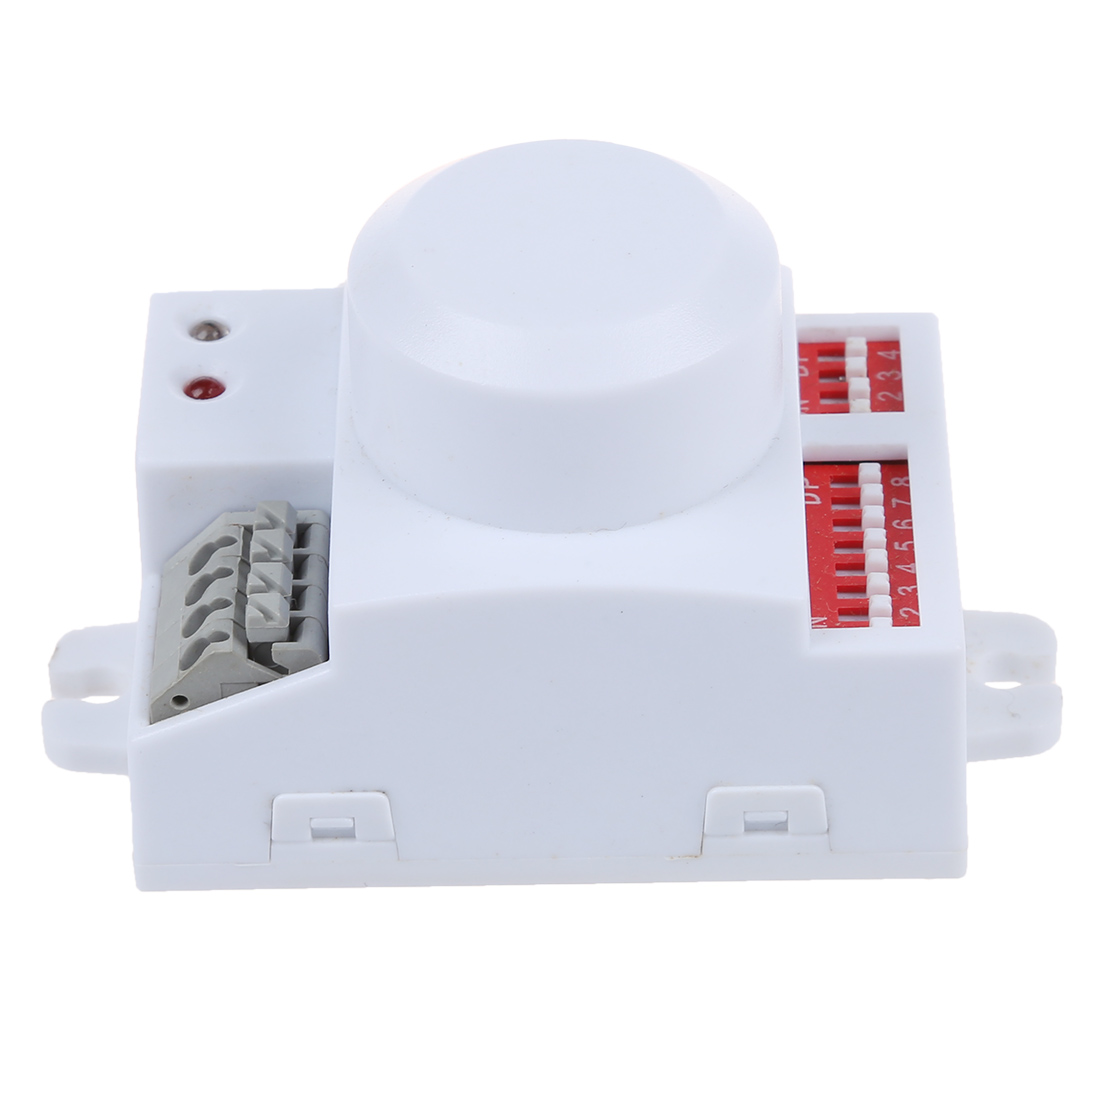 все цены на MYLB-Microwave motion sensor switch Doppler Radar Wireless Module for lighting 220V - White онлайн